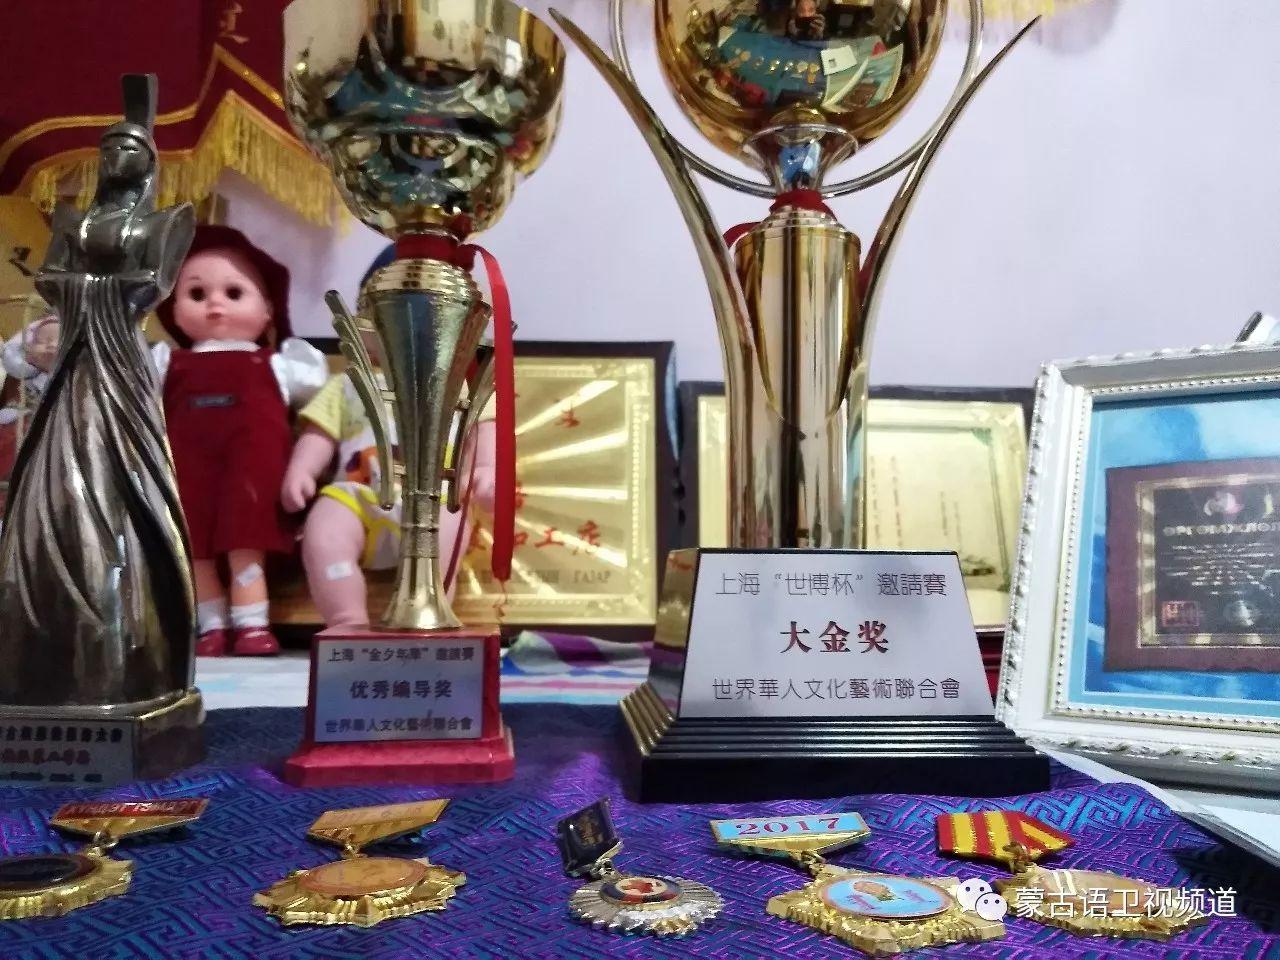 巴尔虎传统蒙古袍即将开启创世界吉尼斯纪录之旅 第9张